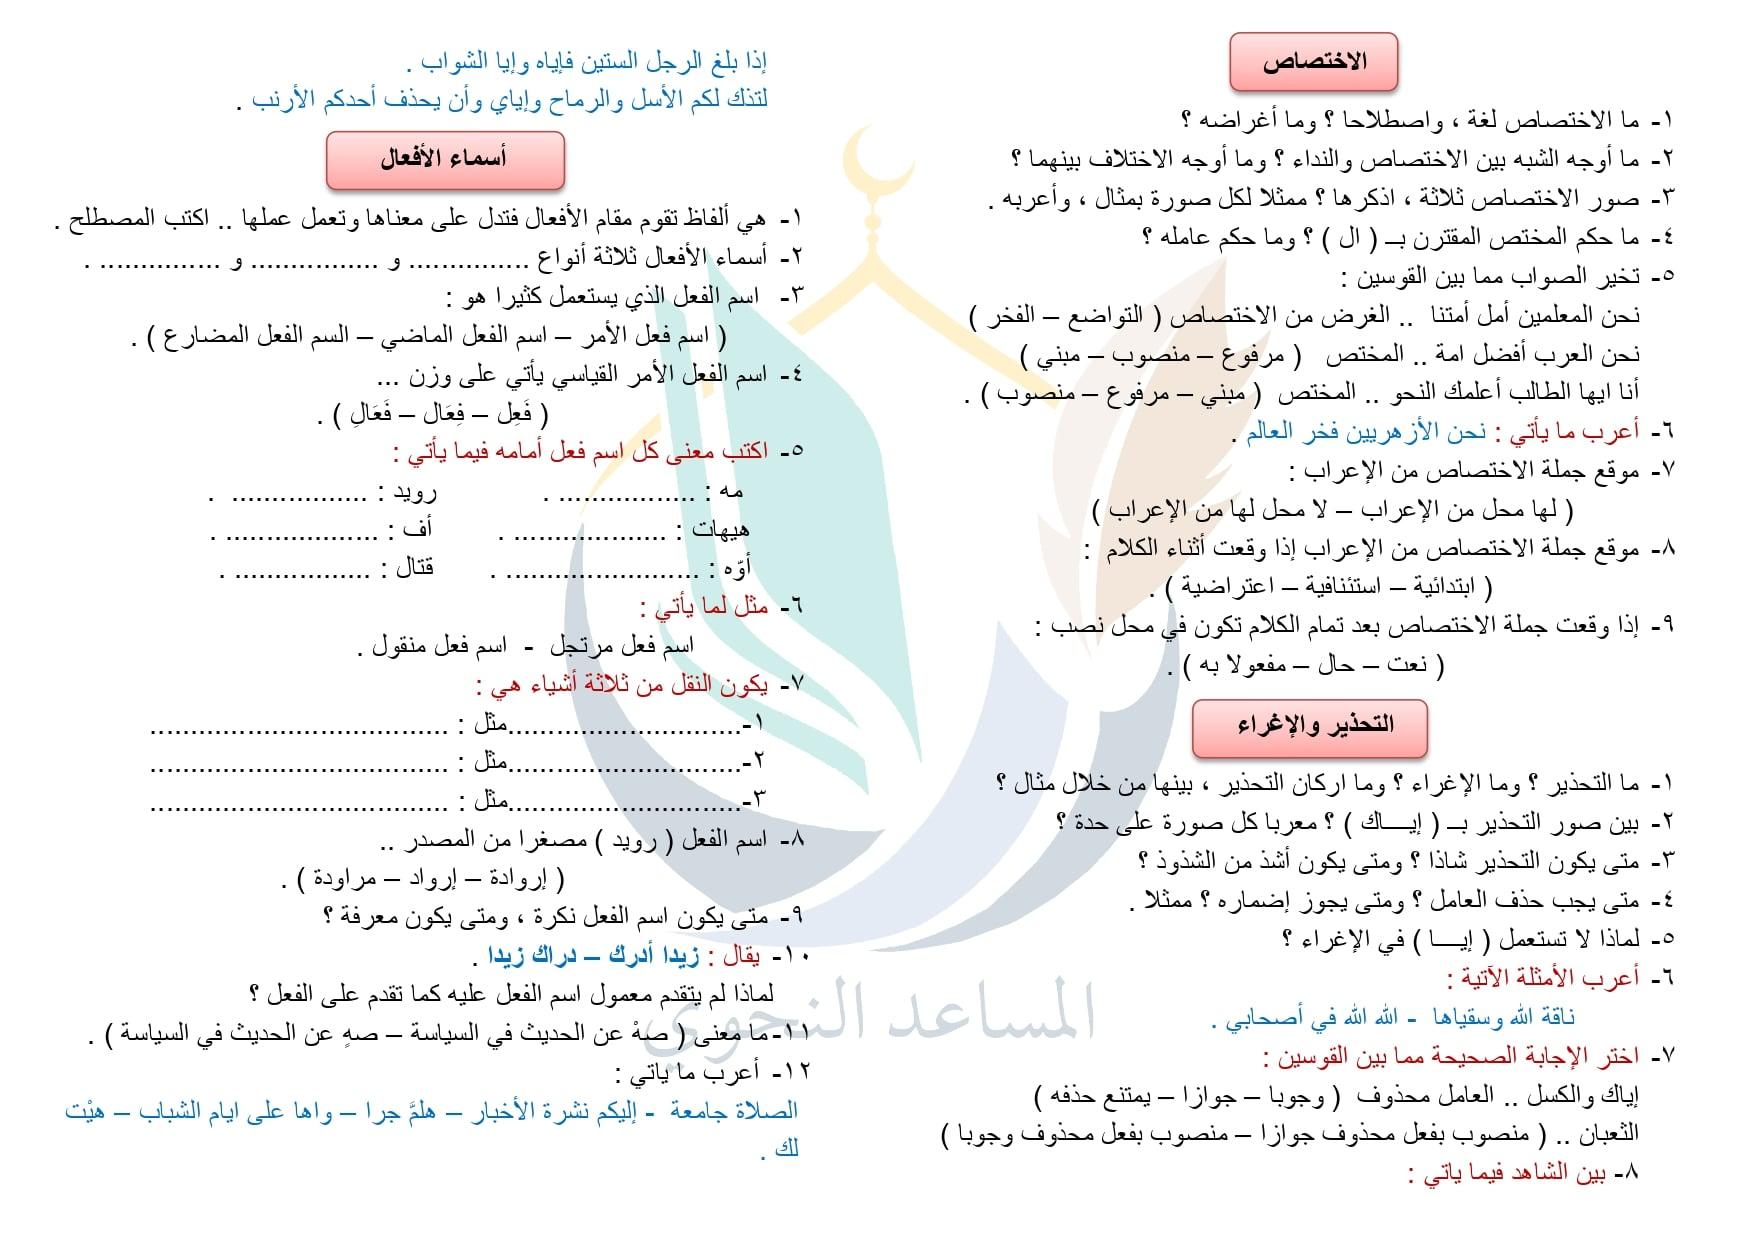 مراجعة منهج النحو للصف الثالث الثانوي العلمي (الأزهري) 2